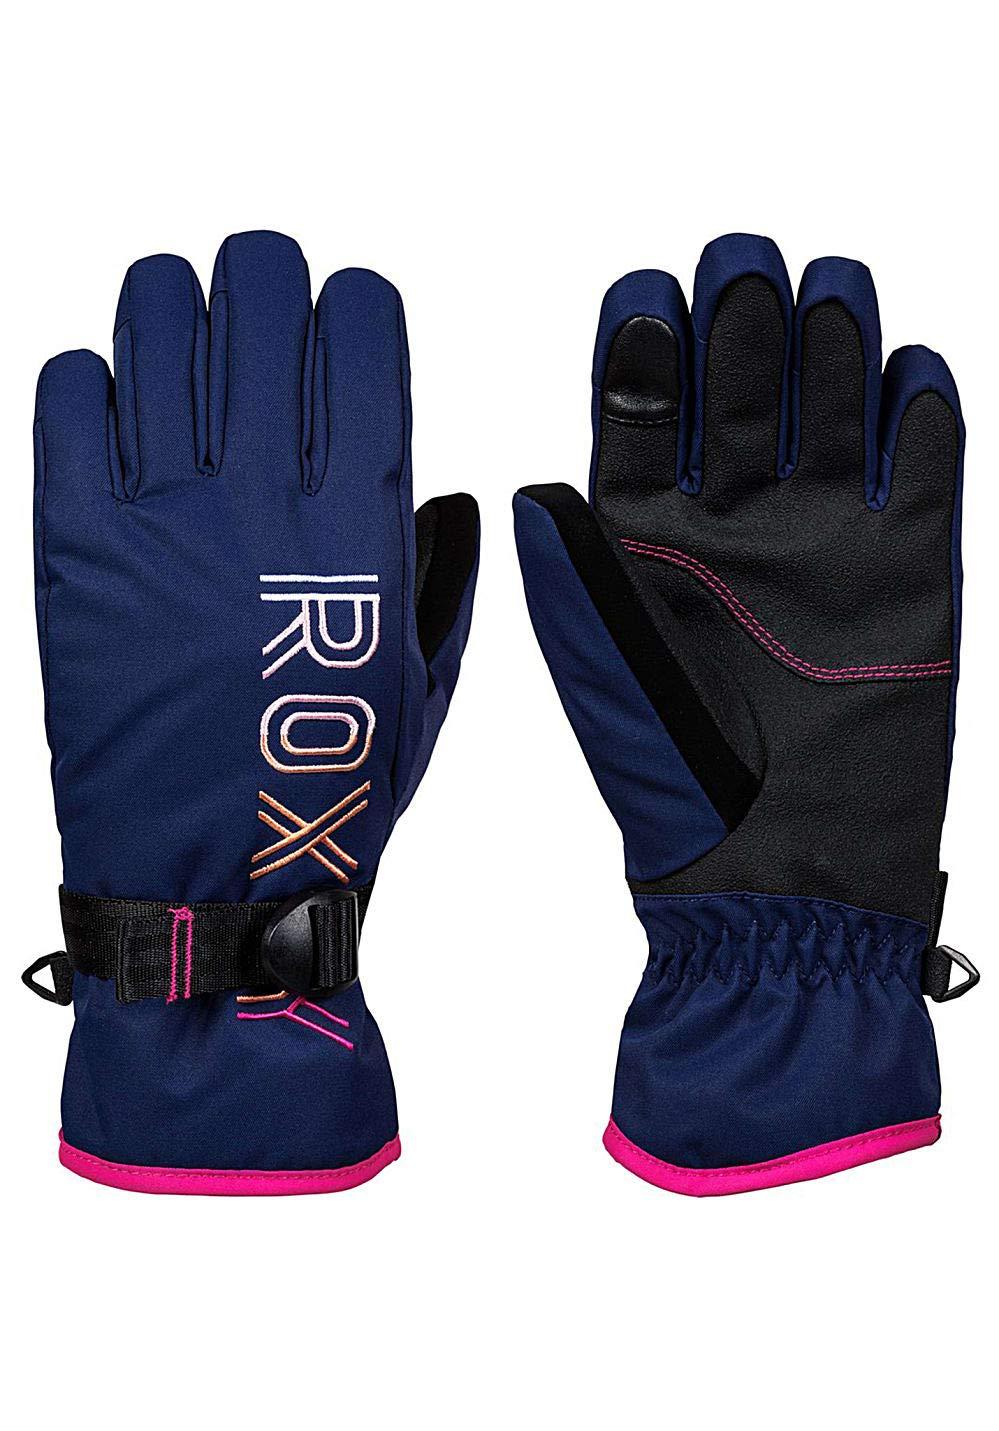 Roxy Girls Freshfield Snowboard//Ski Gloves